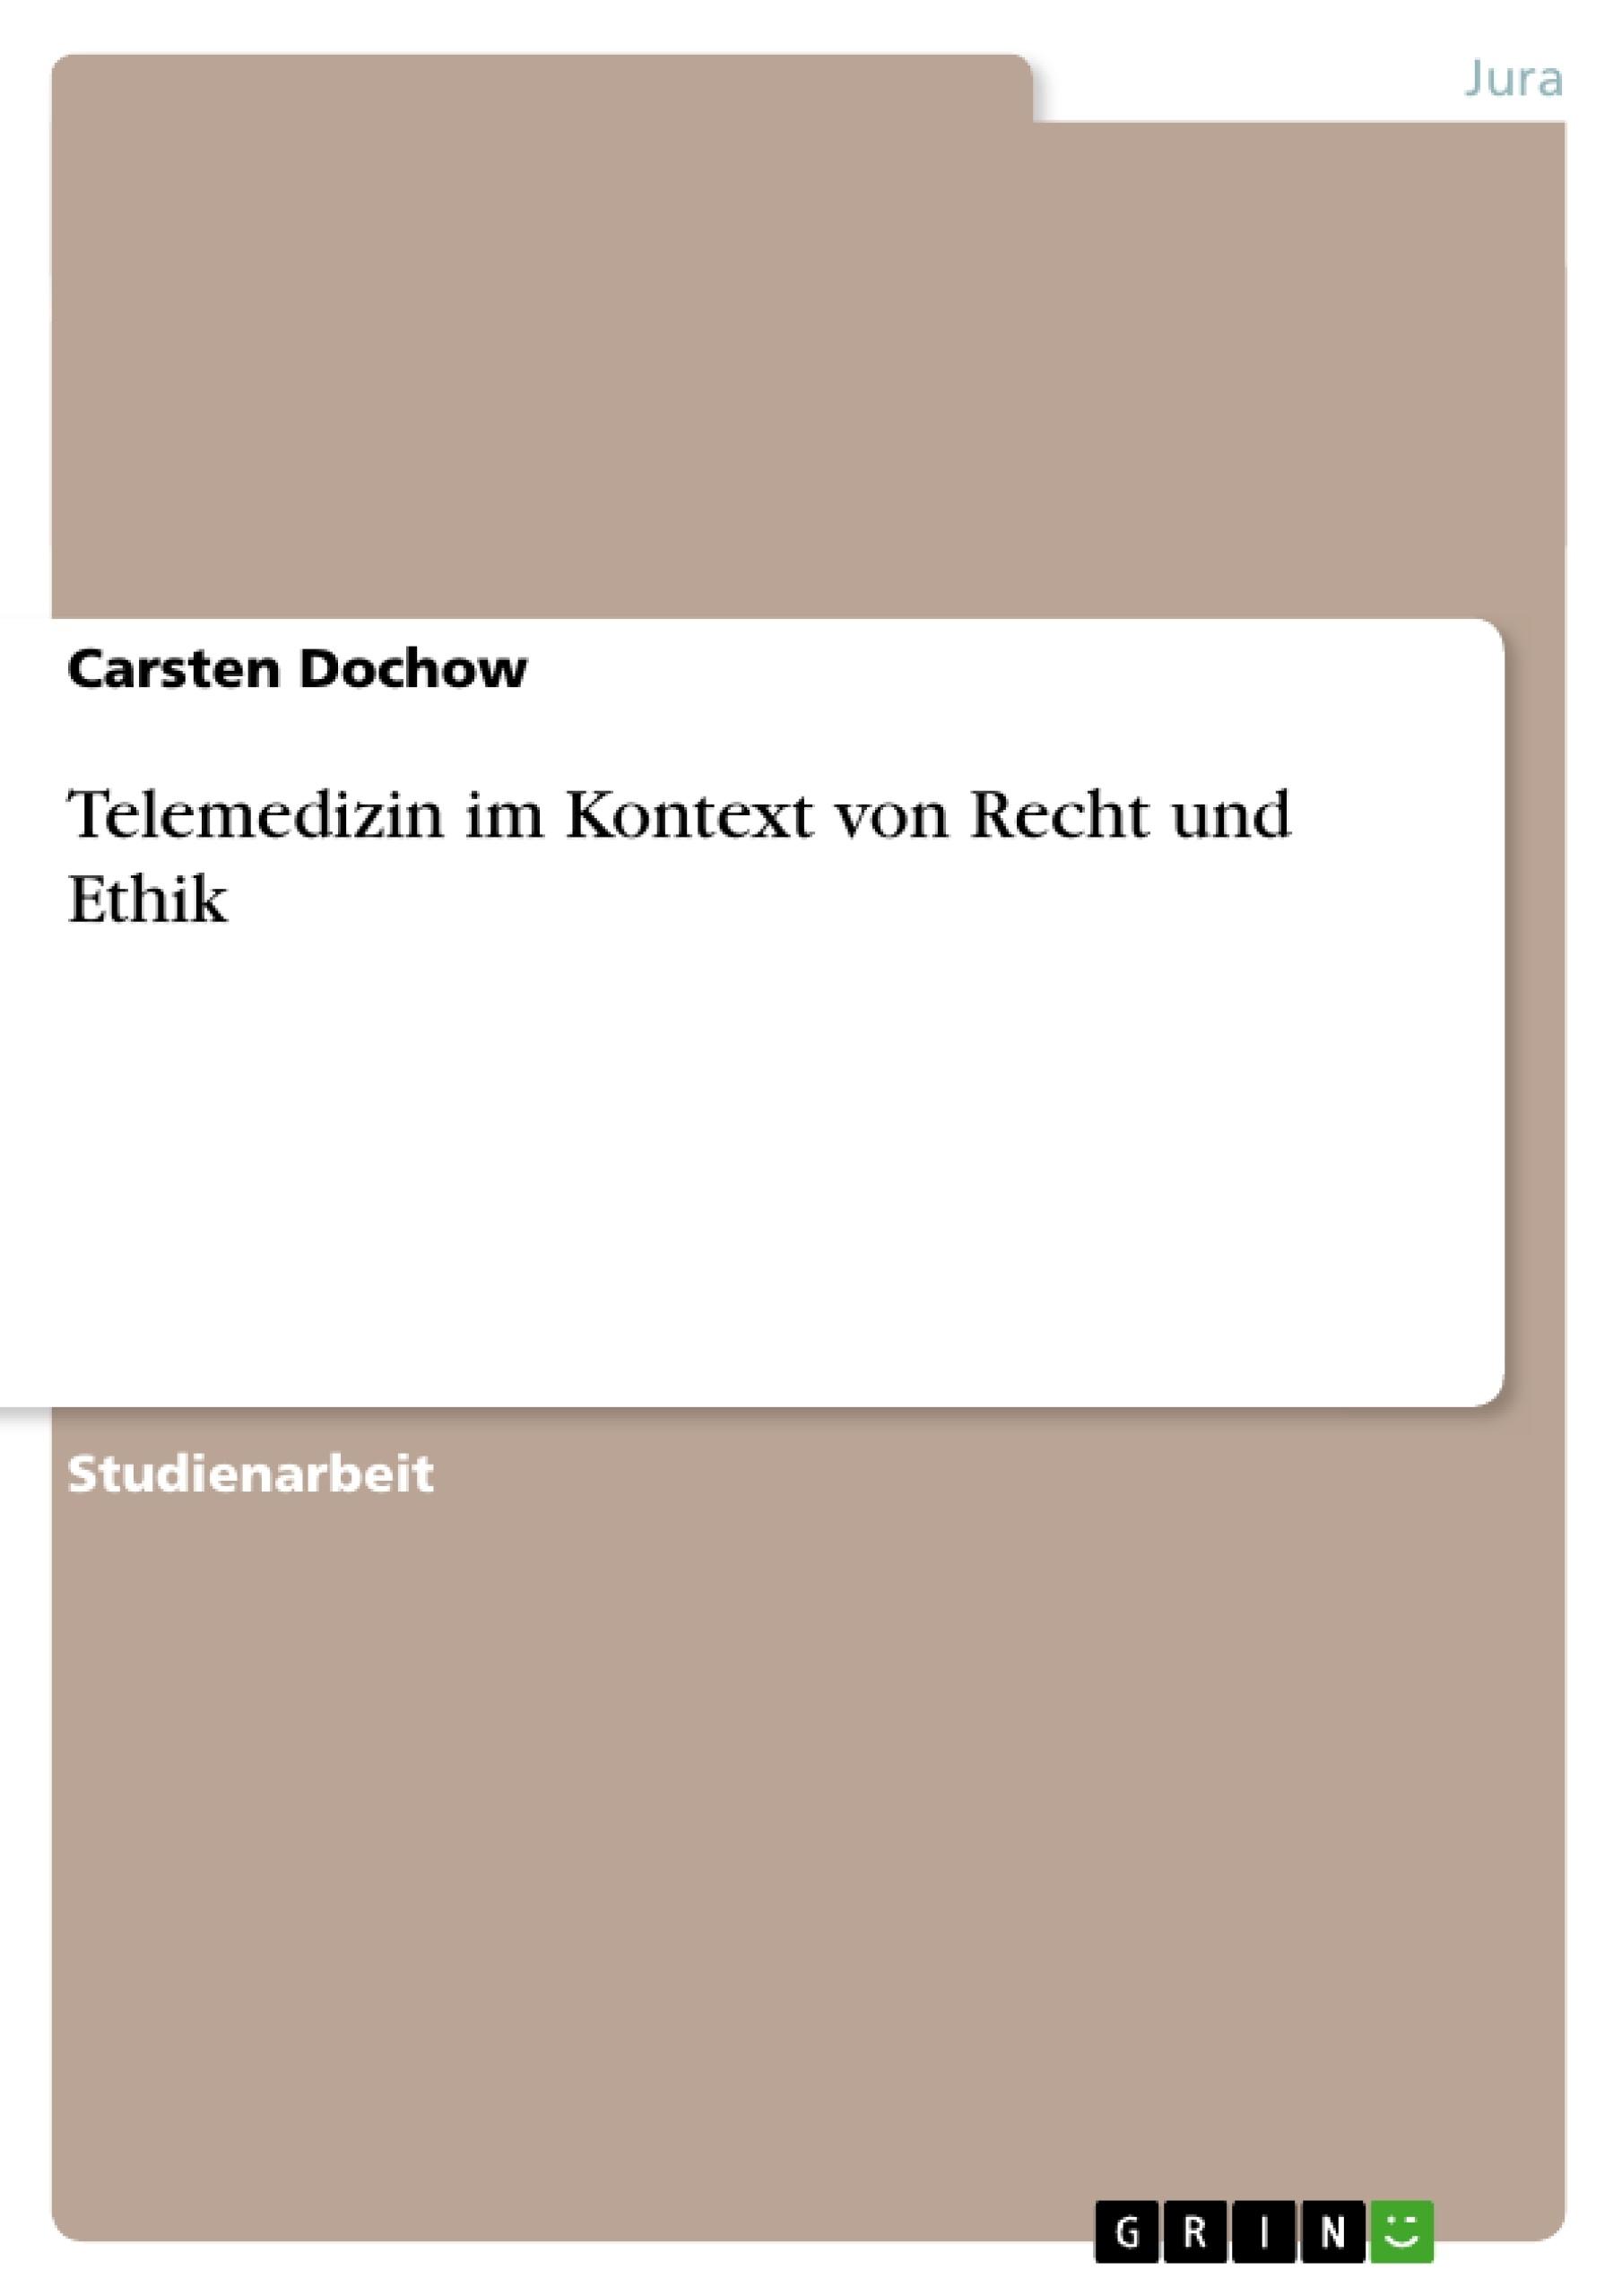 Titel: Telemedizin im Kontext von Recht und Ethik